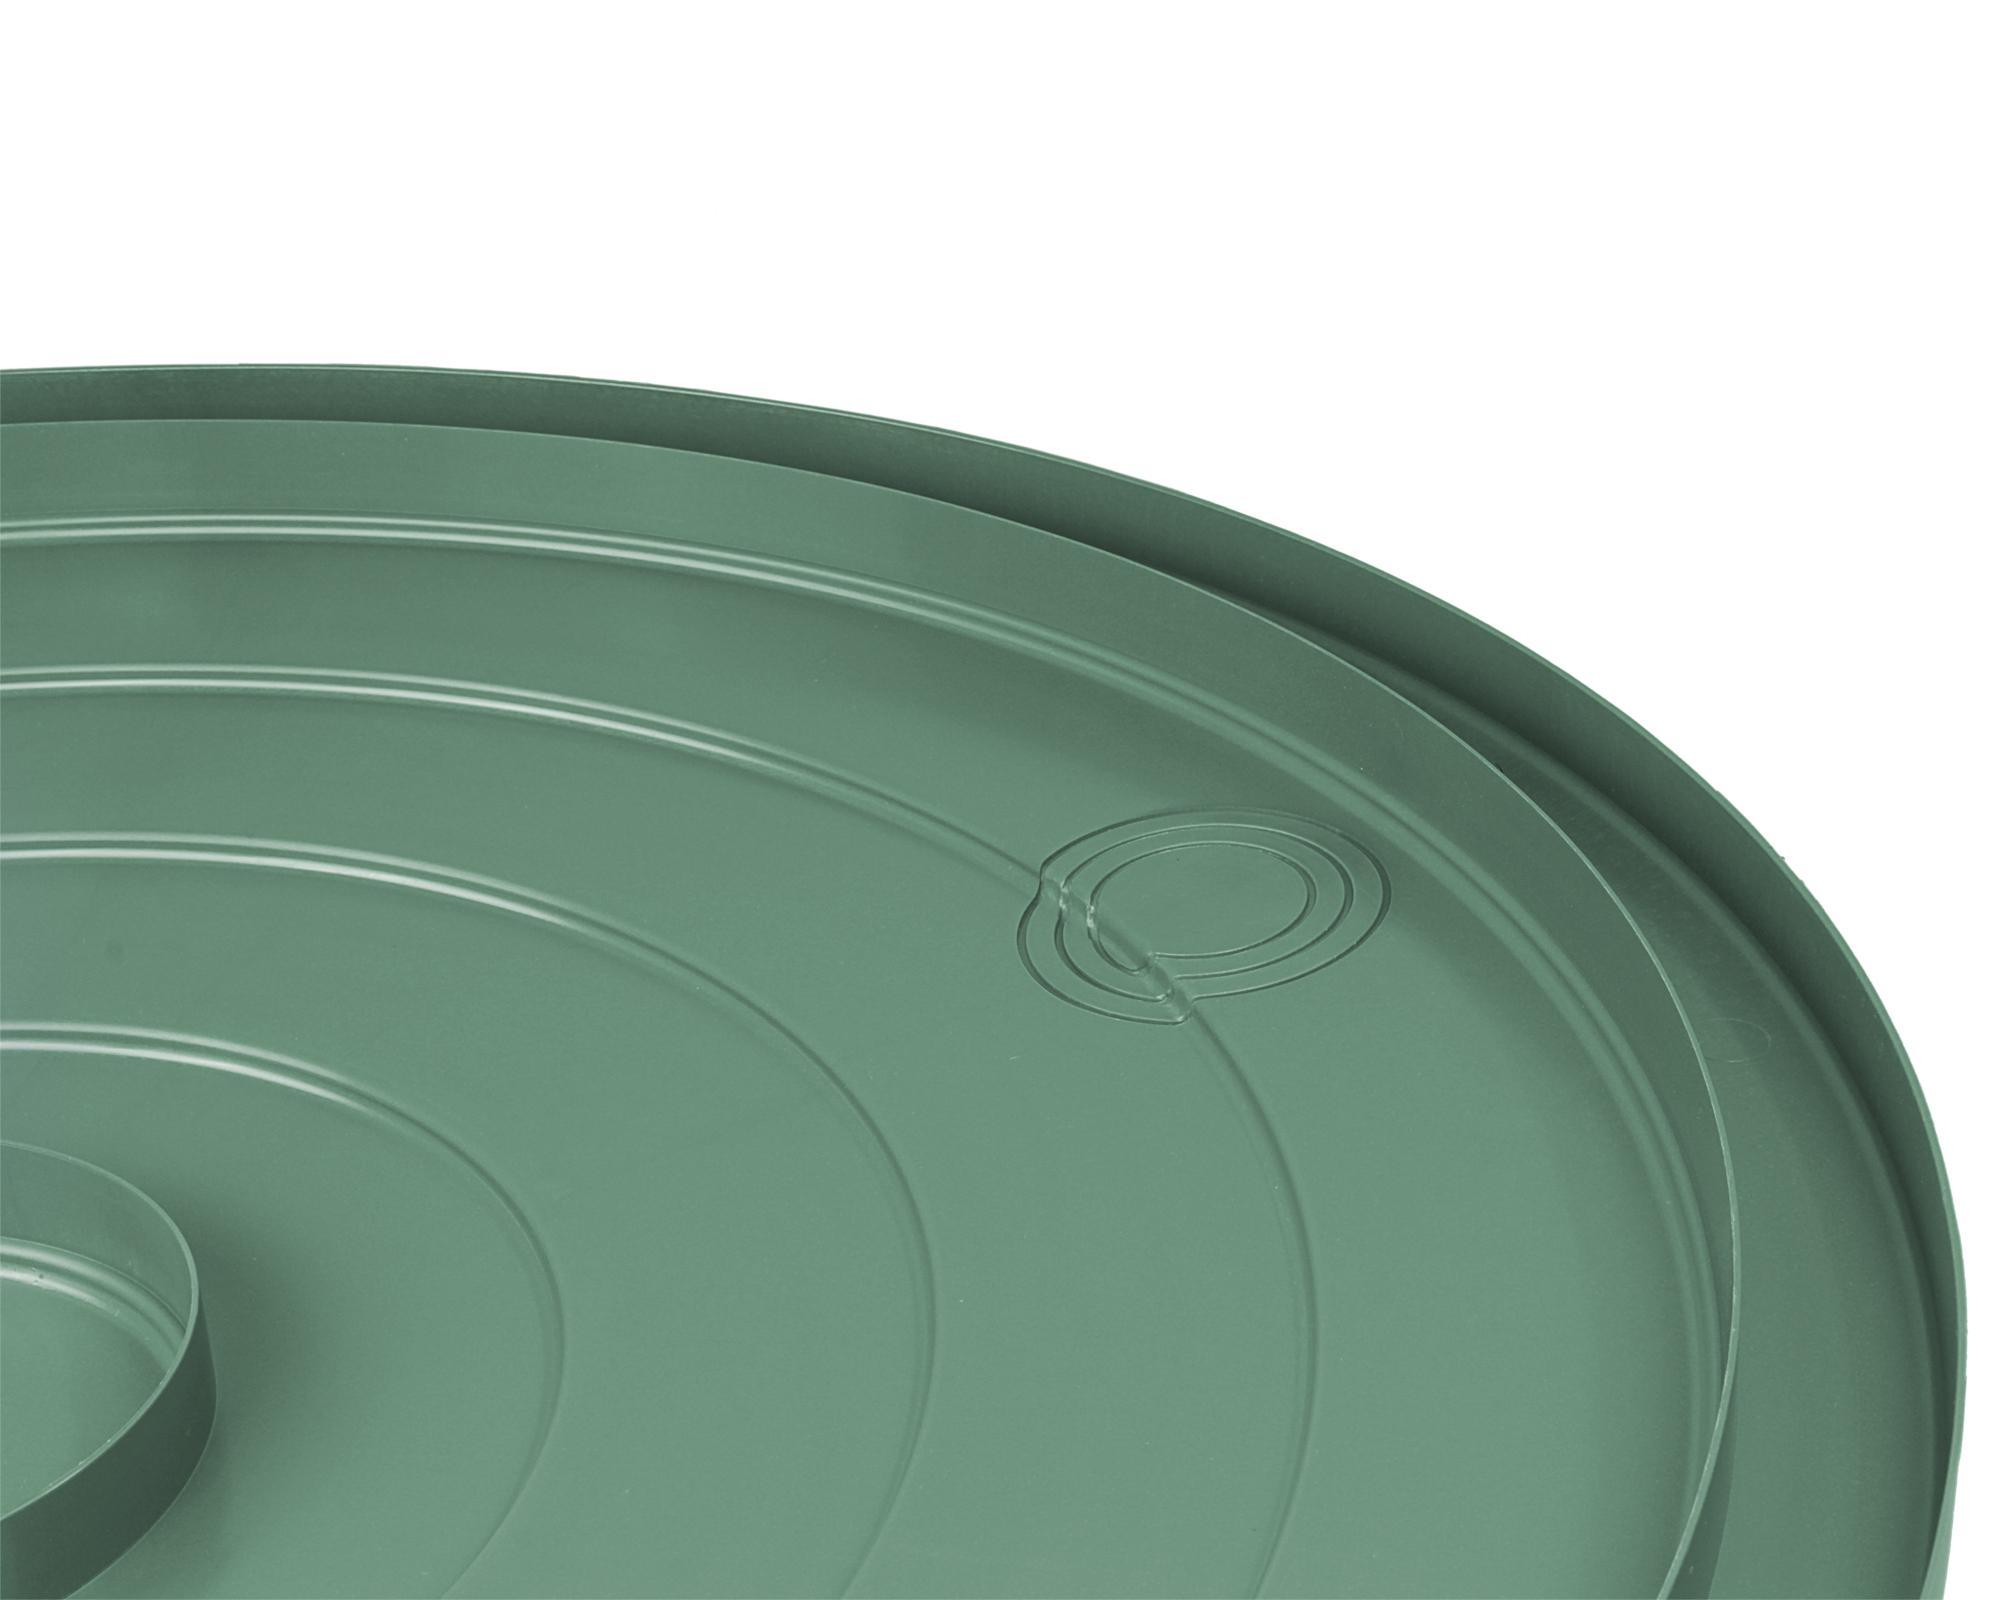 Ondis24 Deckel Regentonne 500 L Aqua Gunstig Online Kaufen